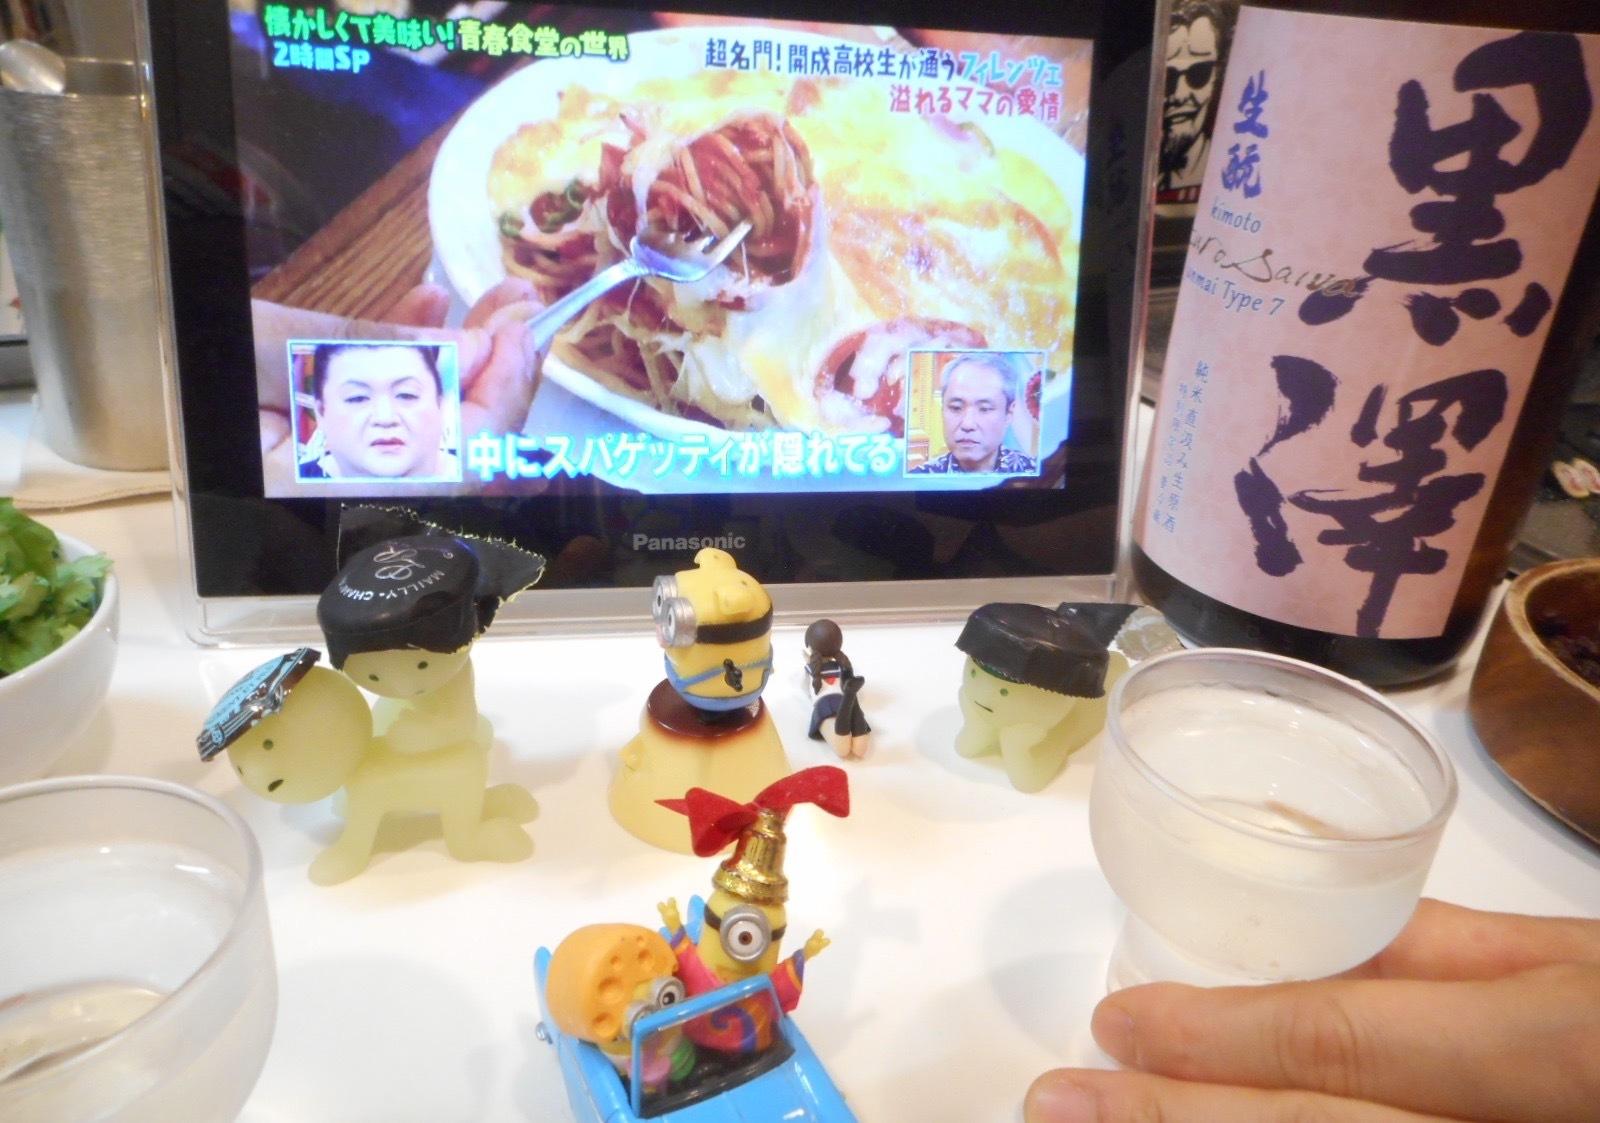 kurosawa_type7_29by3_3.jpg